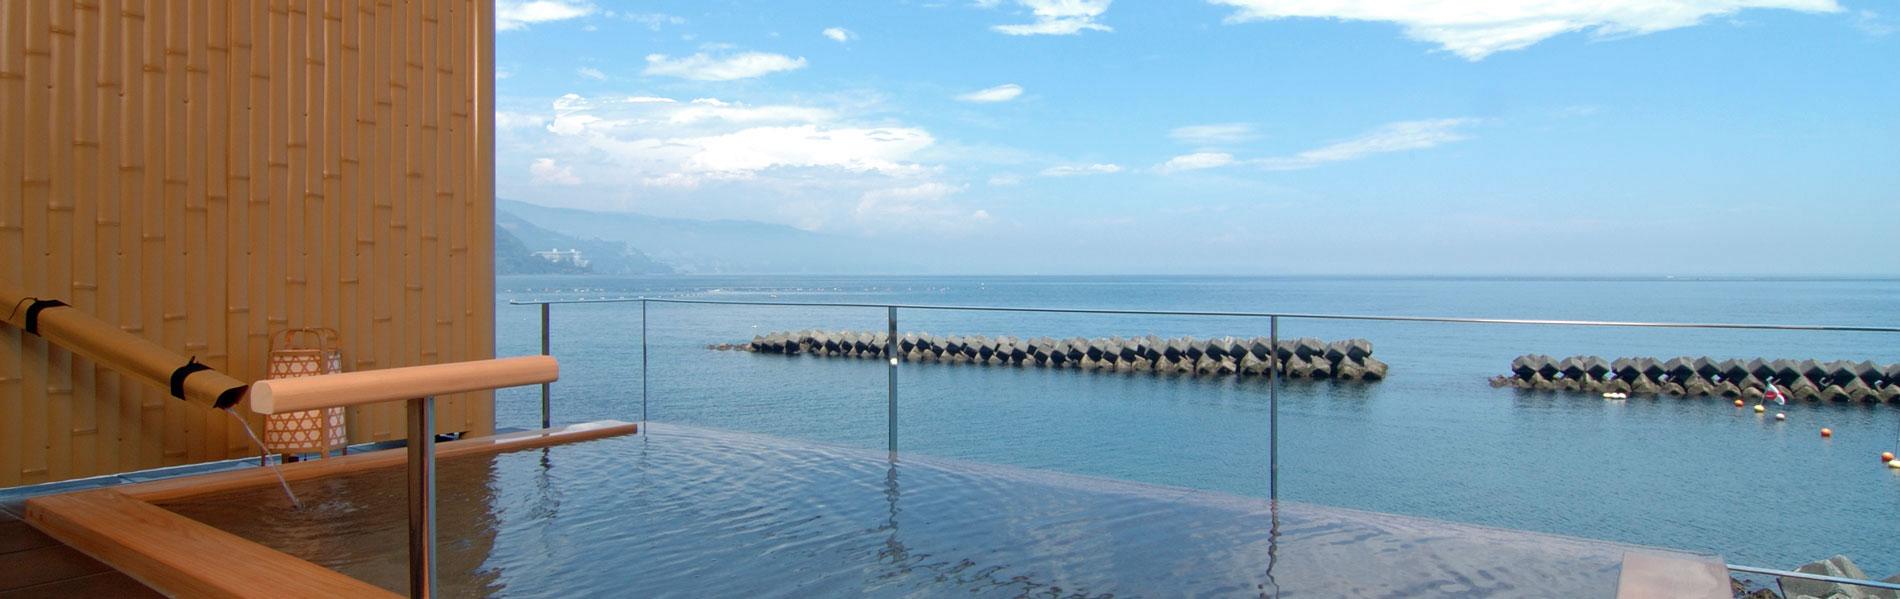 熱海温泉湯の宿平鶴 天然温泉かけ流しのお湯